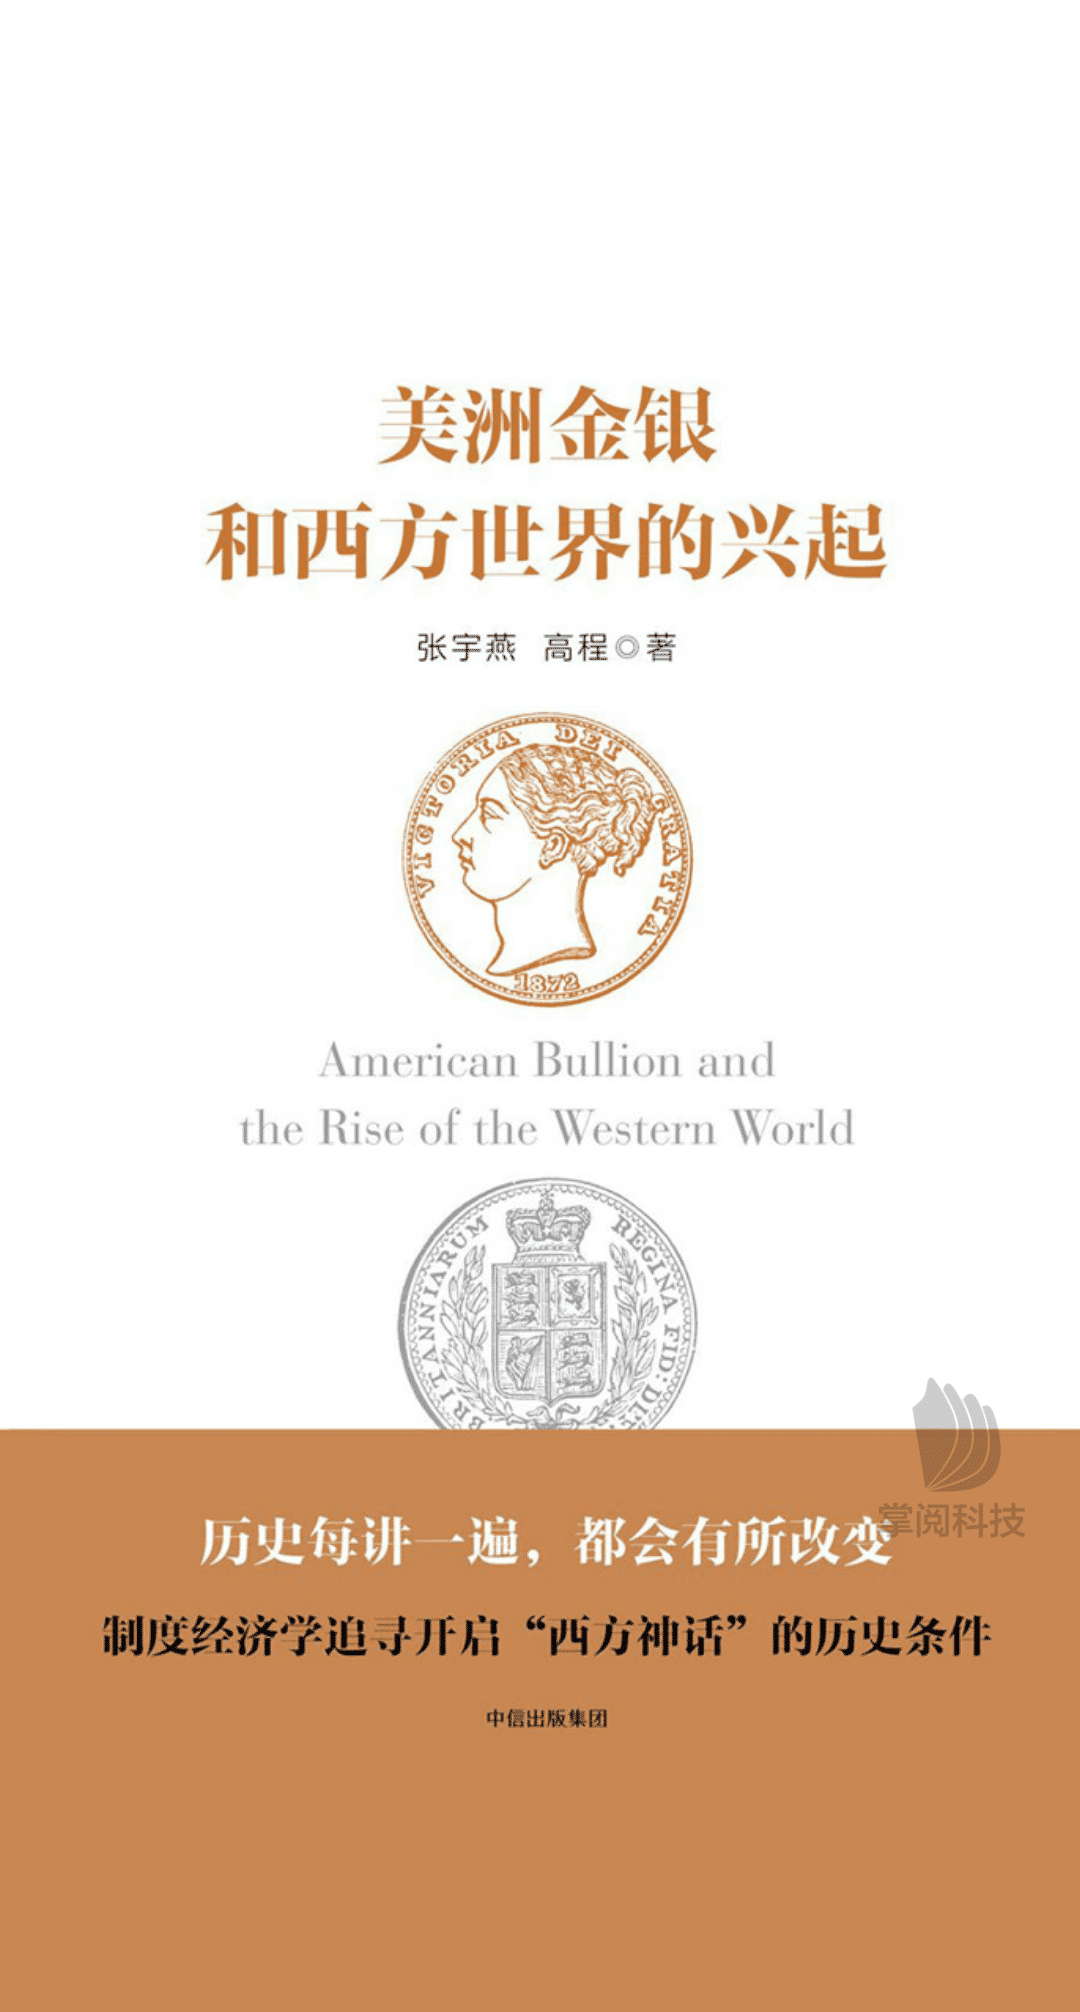 《美洲金银和西方世界的兴起[精品]》